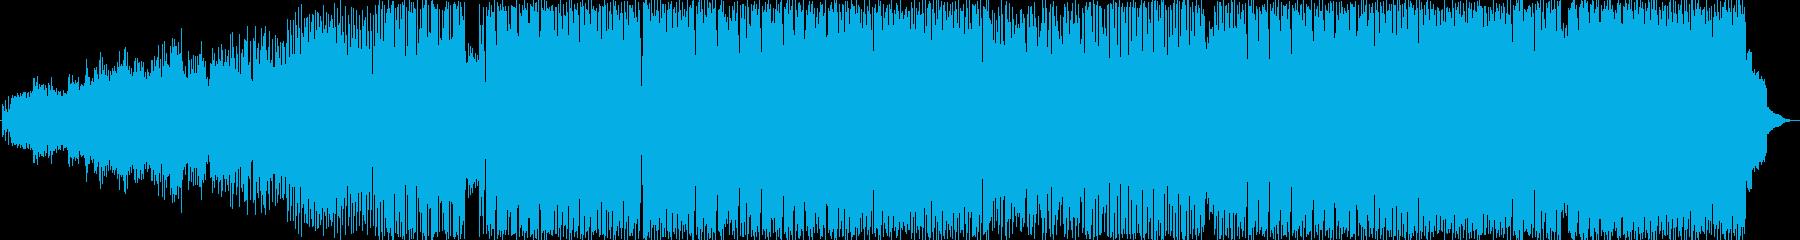 ポップでキャッチーなダンスミュージックの再生済みの波形